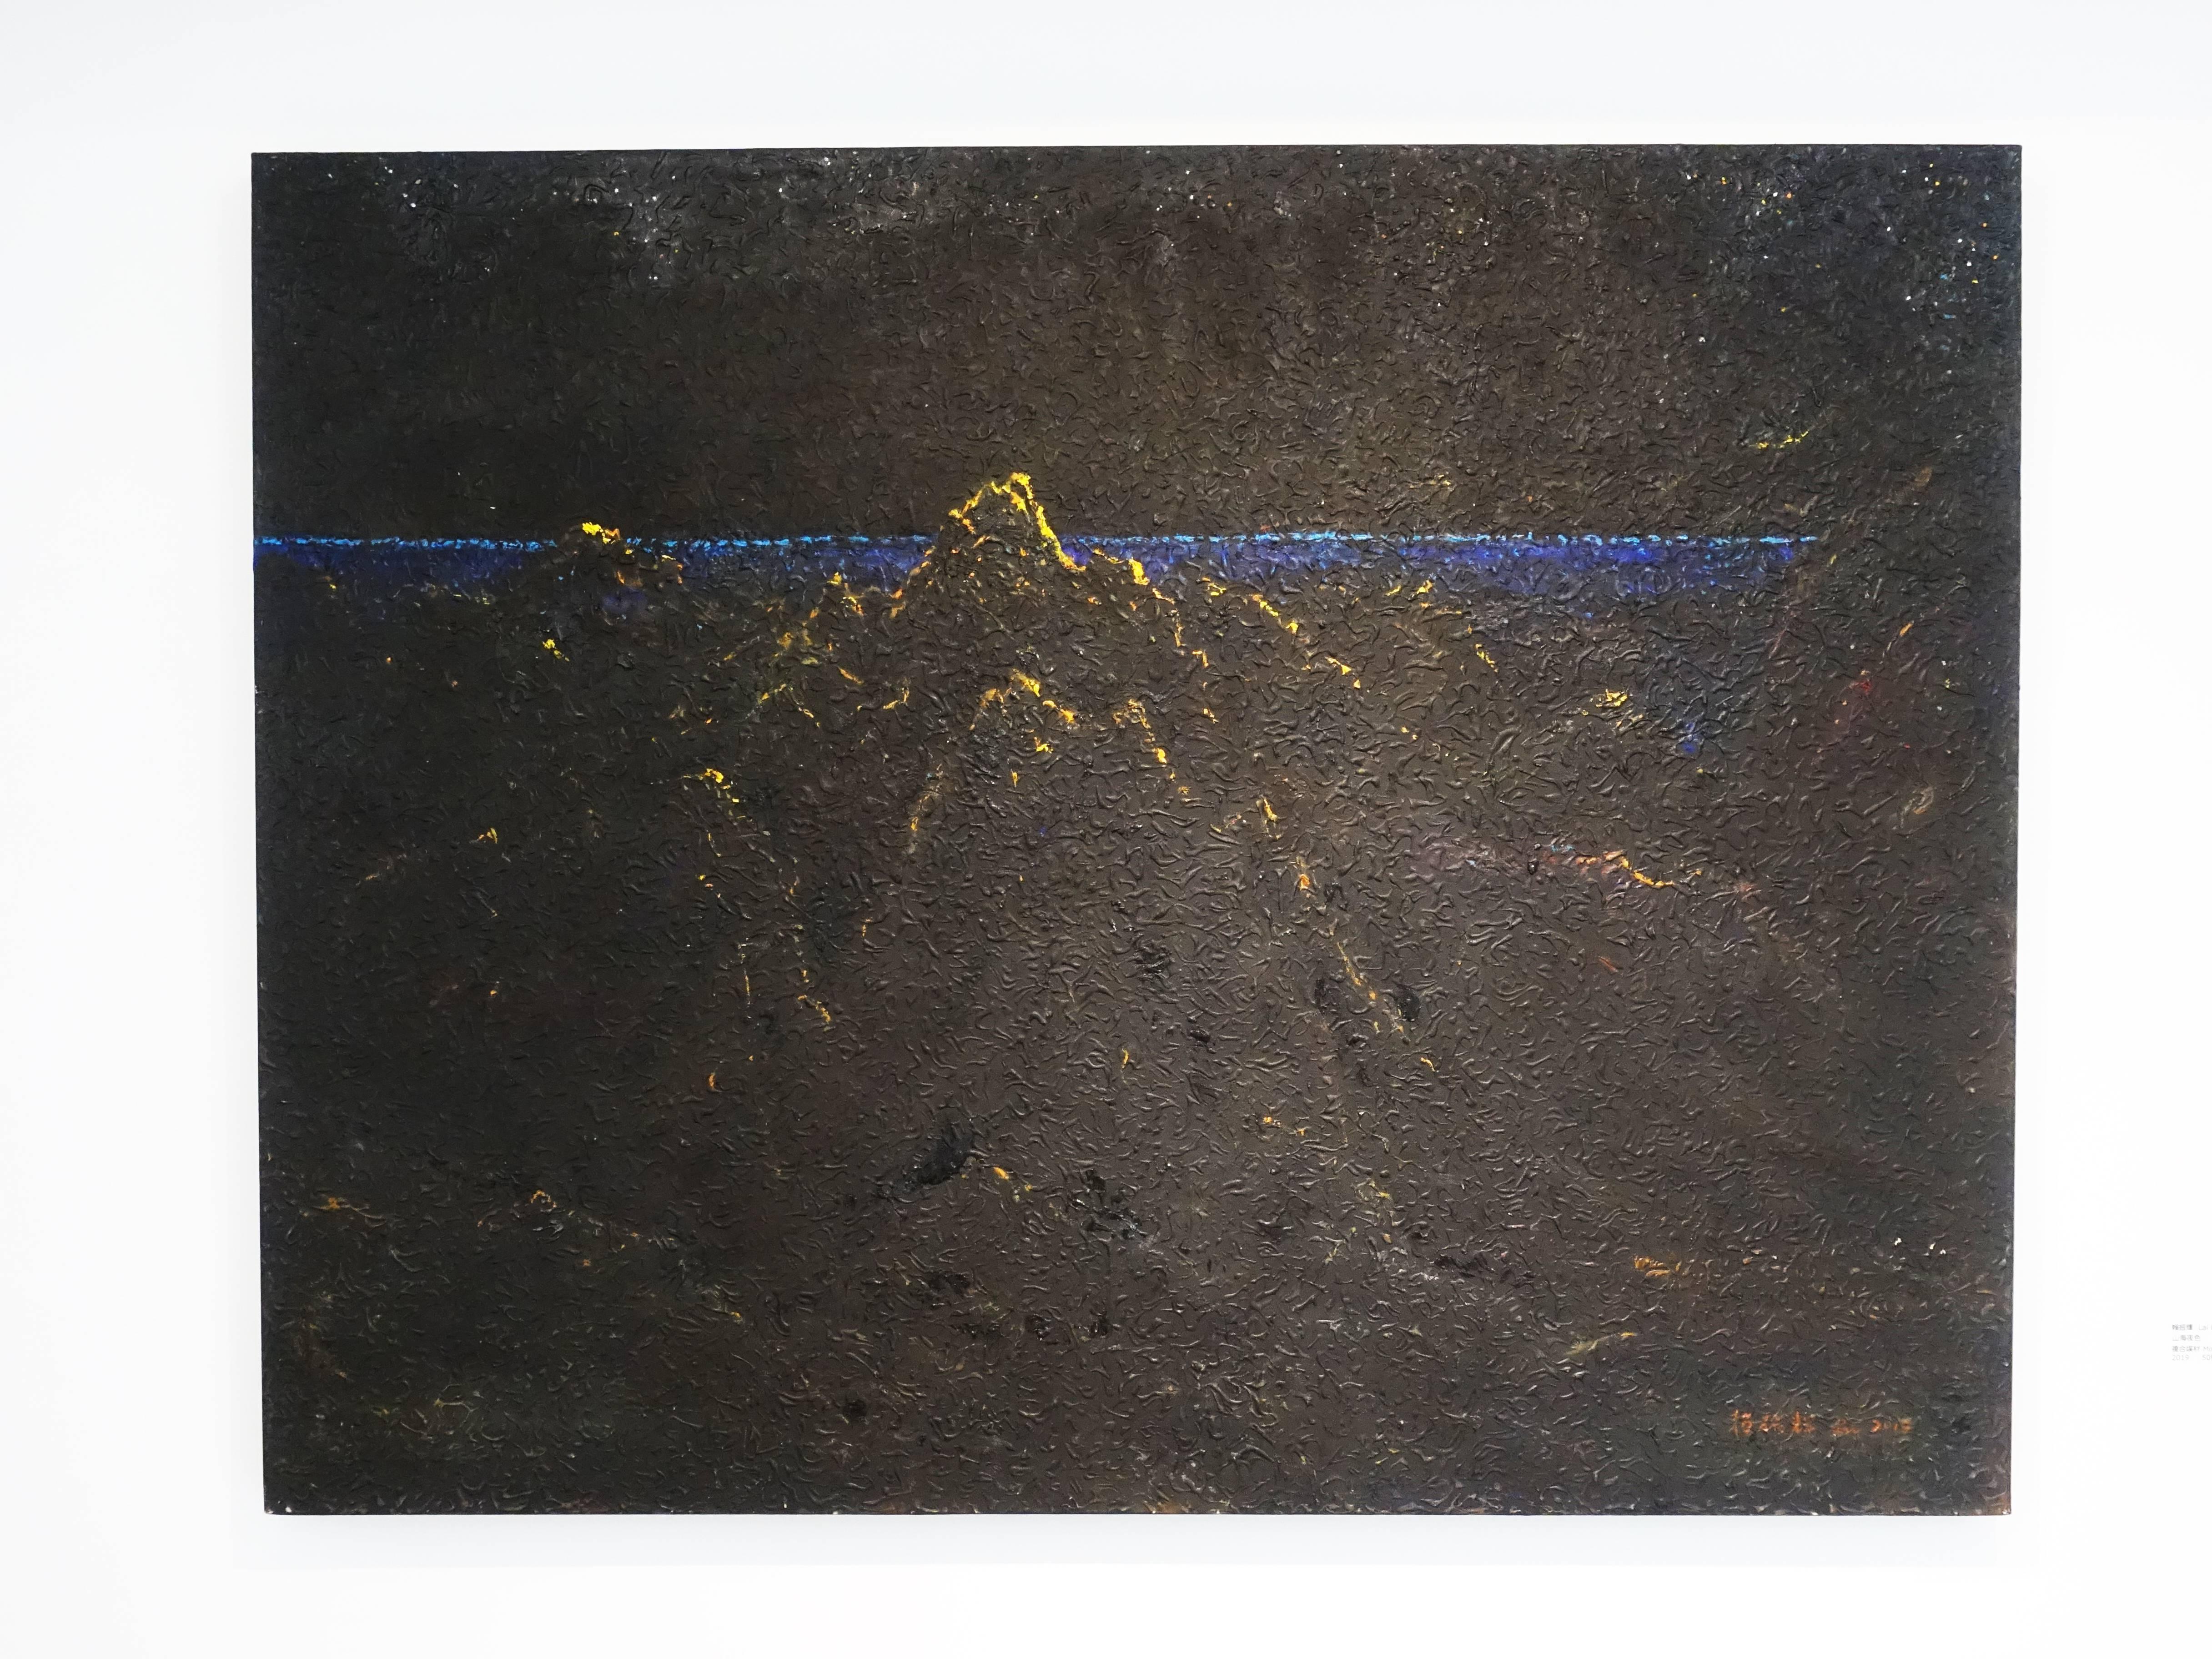 賴振輝,《山海夜色》,50F,複合媒材,2019。